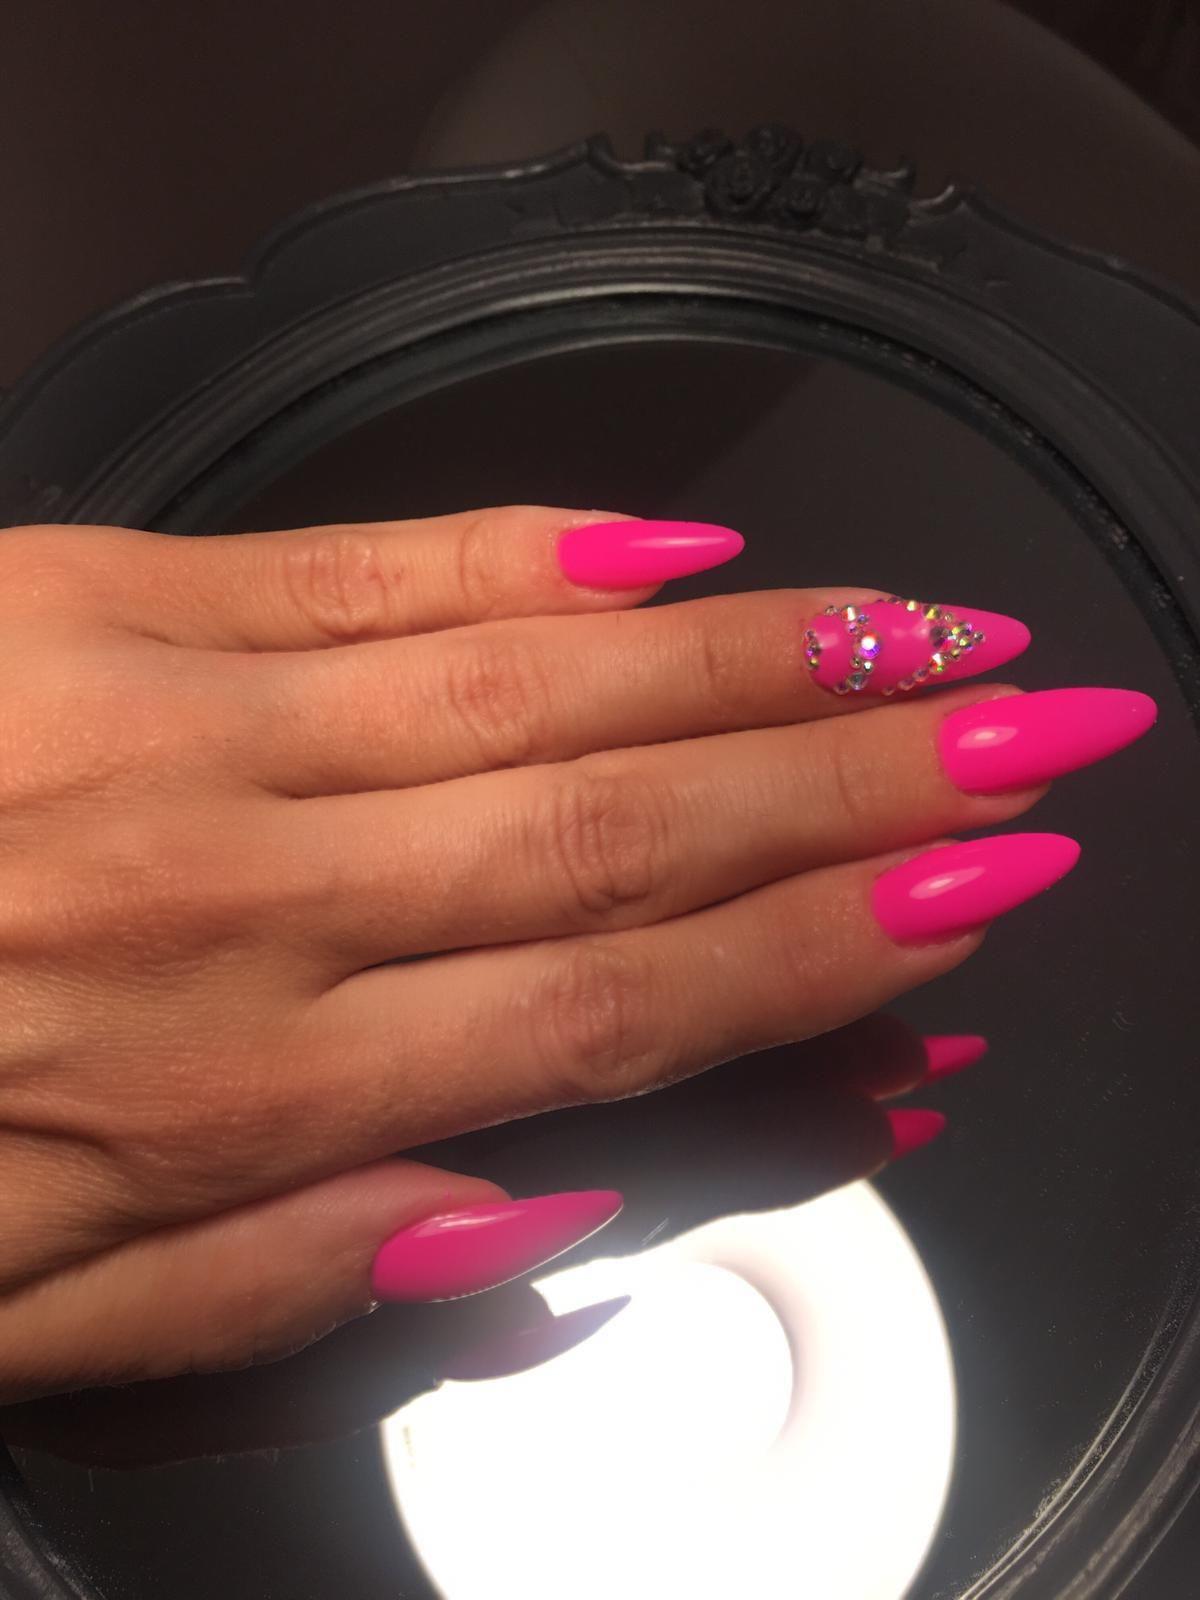 La última tendencia en uñas de gel: en punta y decoradas con pedrería.